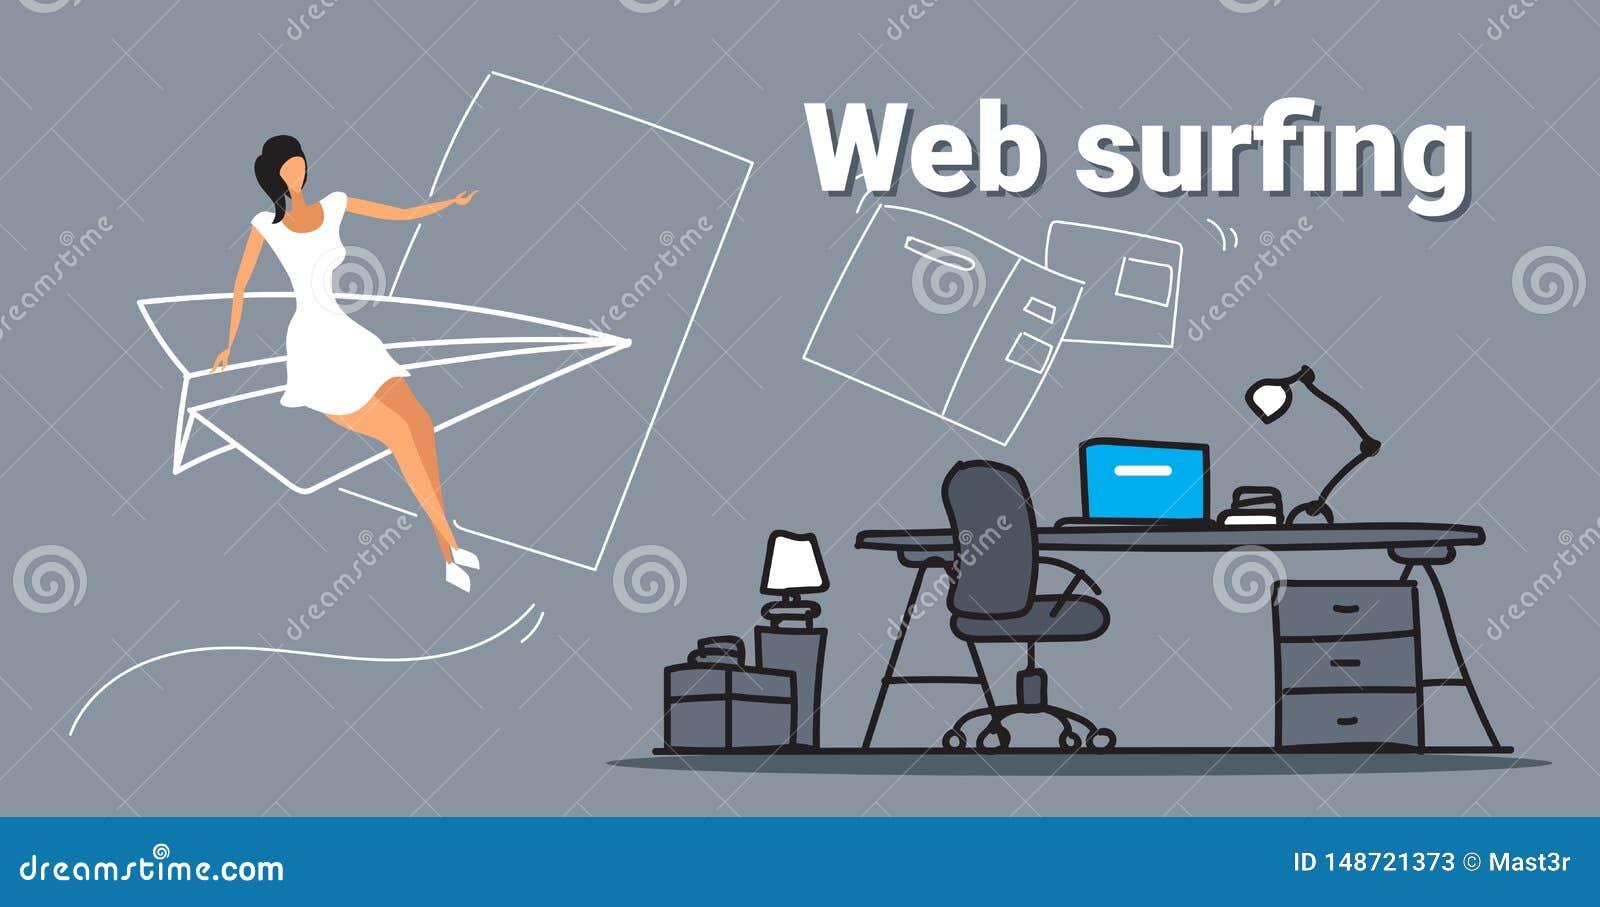 Vuelo de la empresaria en el avi?n del papel que hojea a la mujer de negocios del concepto de la web que practica surf en l?nea u